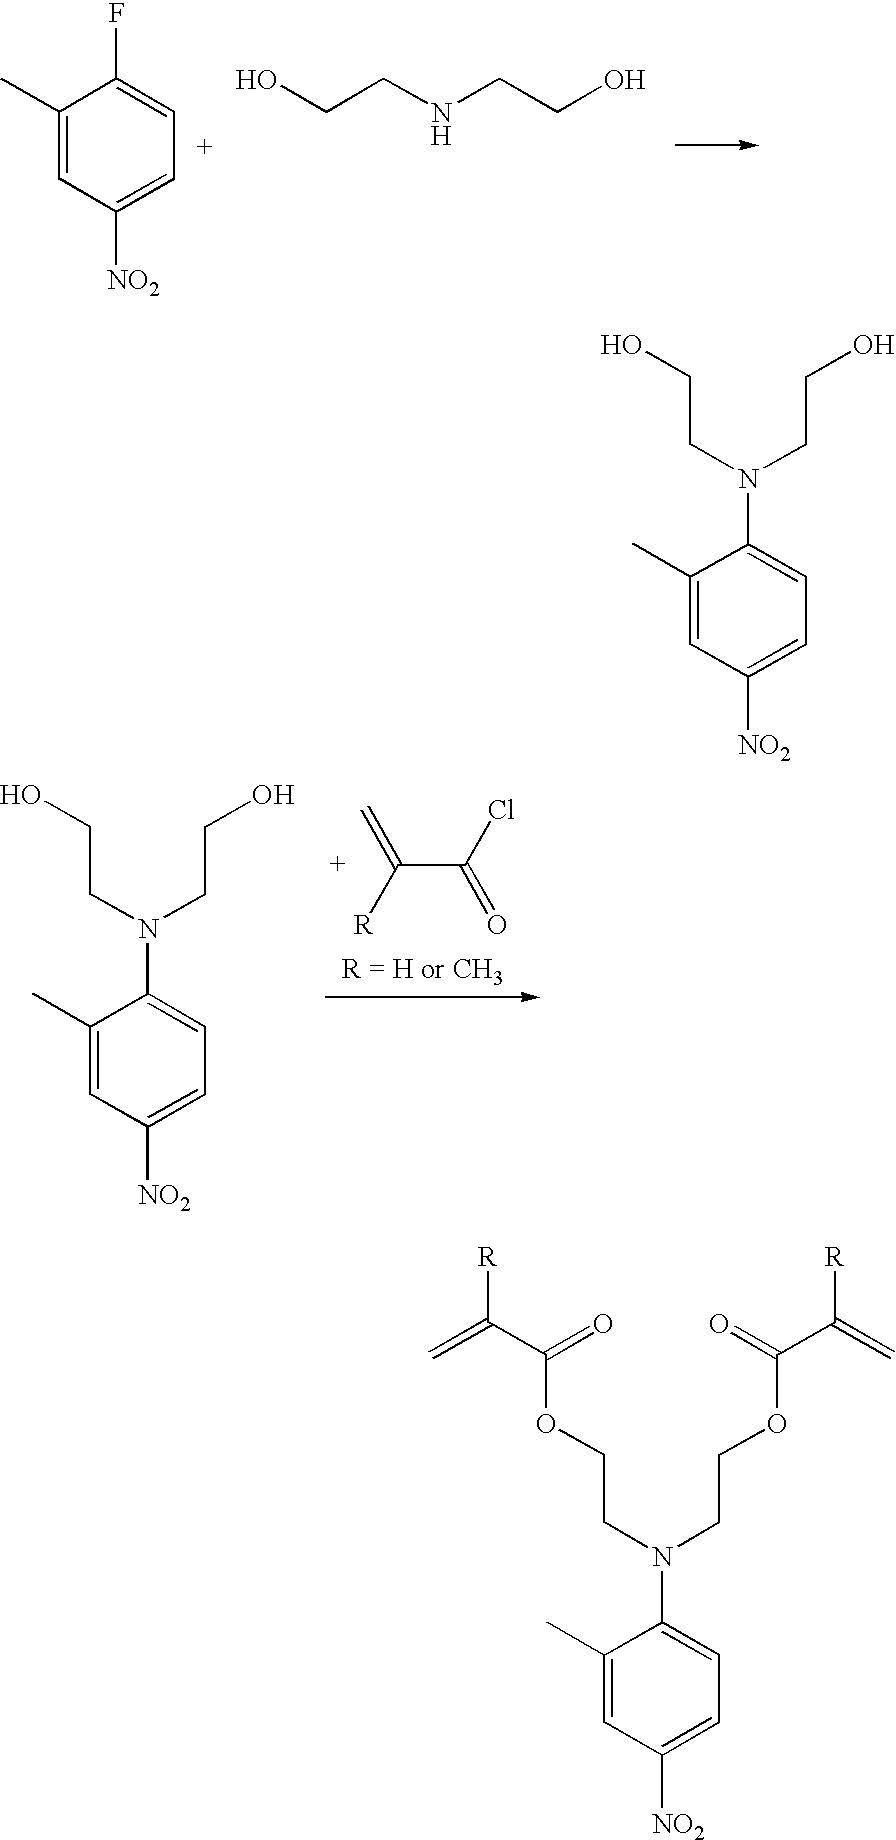 Figure US08329842-20121211-C00024